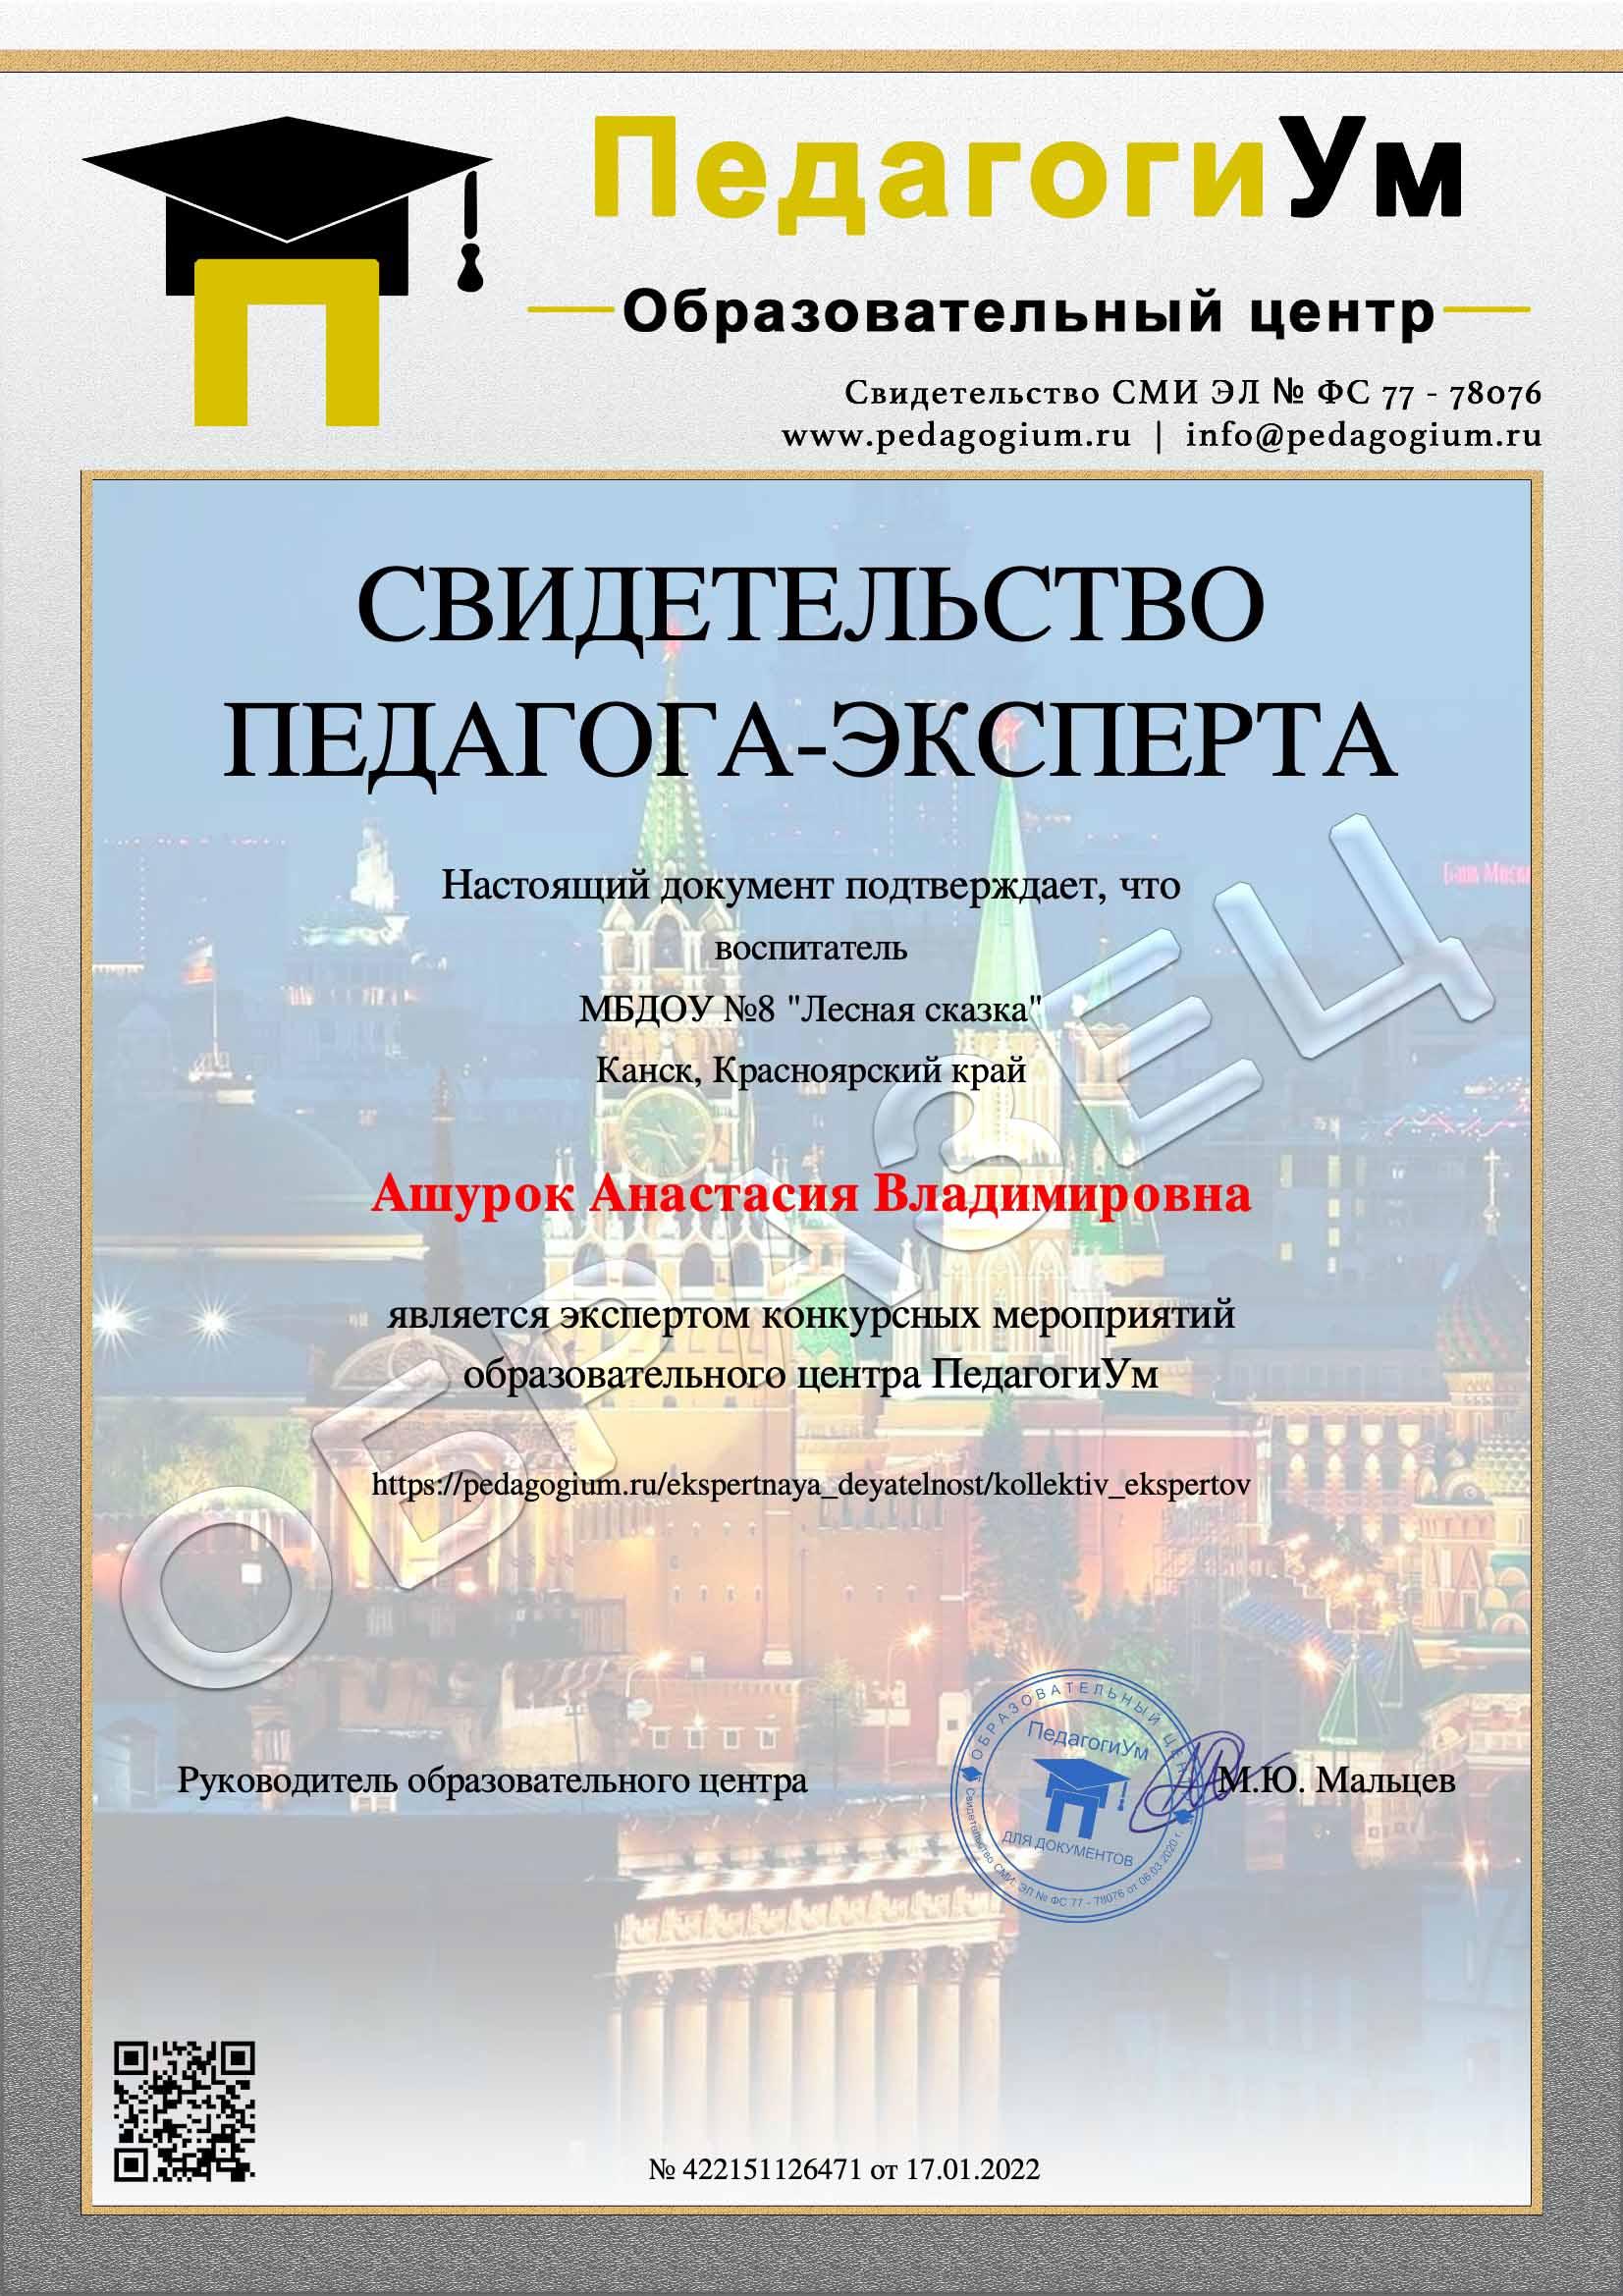 Образец документа за участие в экспертной деятельности центра ПедагогиУм.